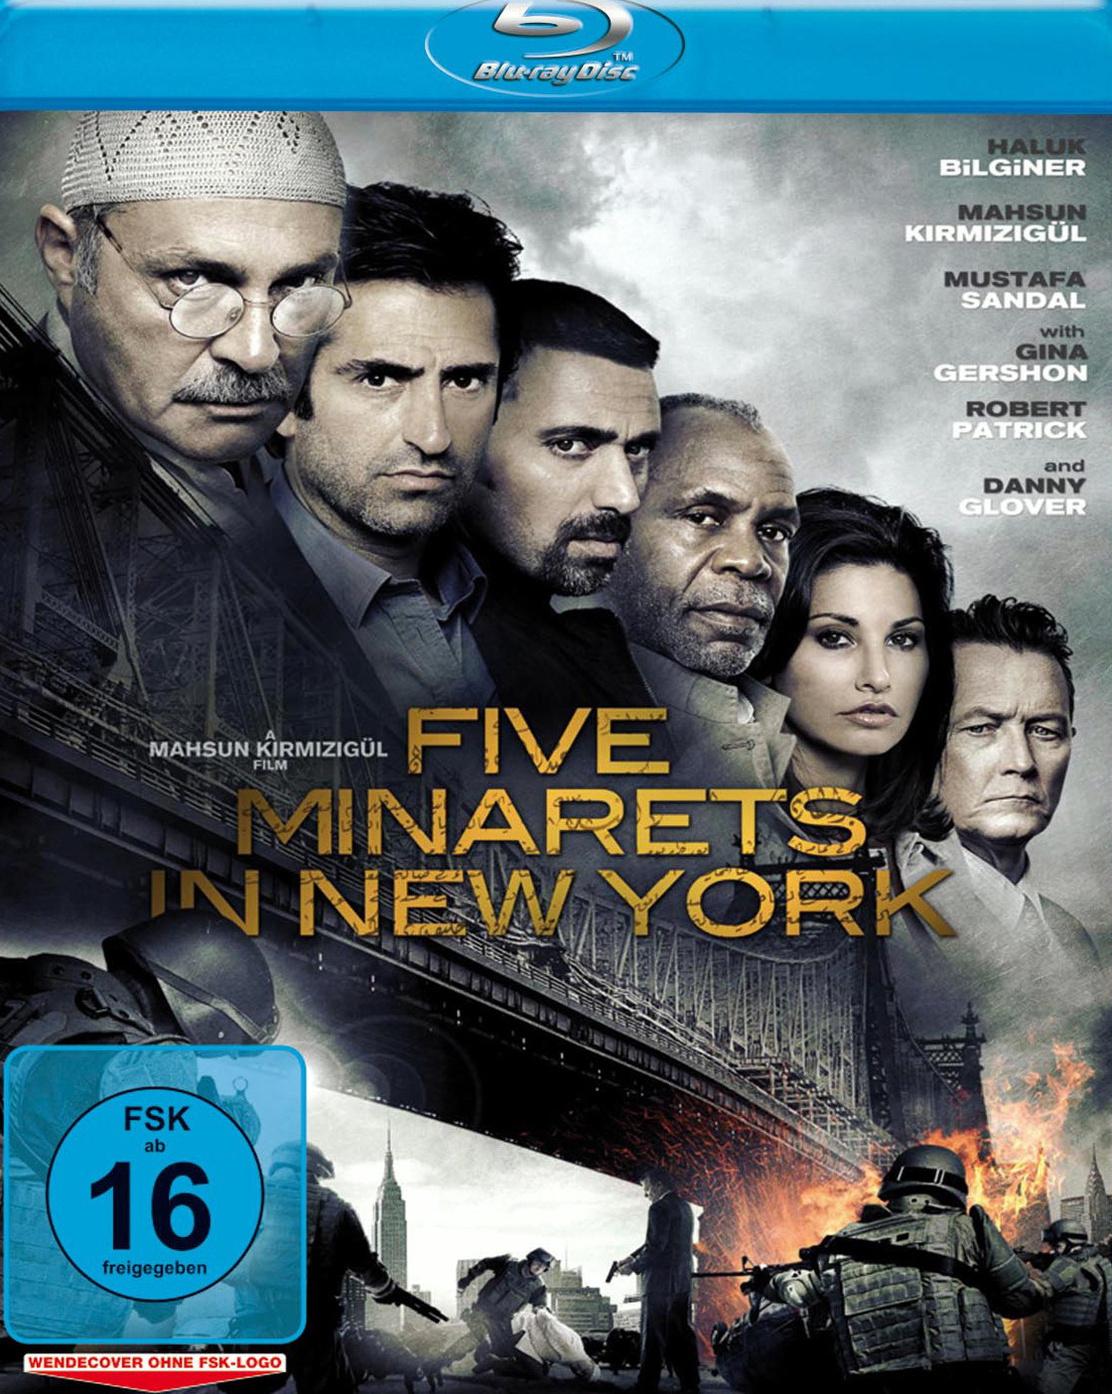 Fünf Minarette in New York [inkl. türkische Kinofassung]